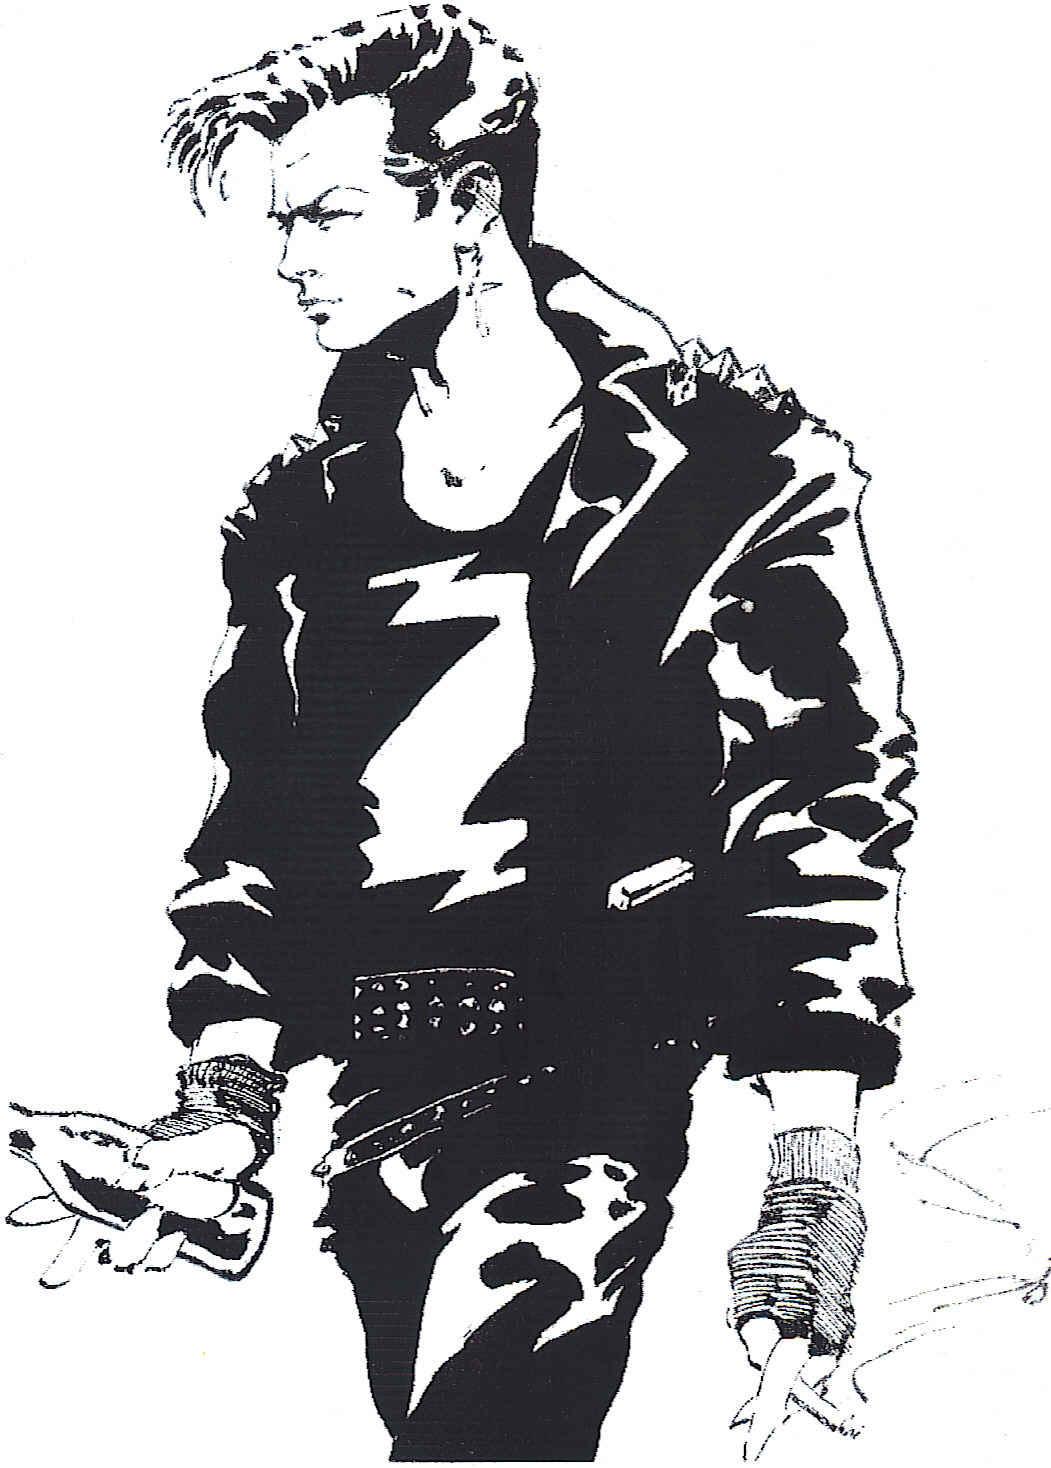 Self portrait of Stephen as Zenith